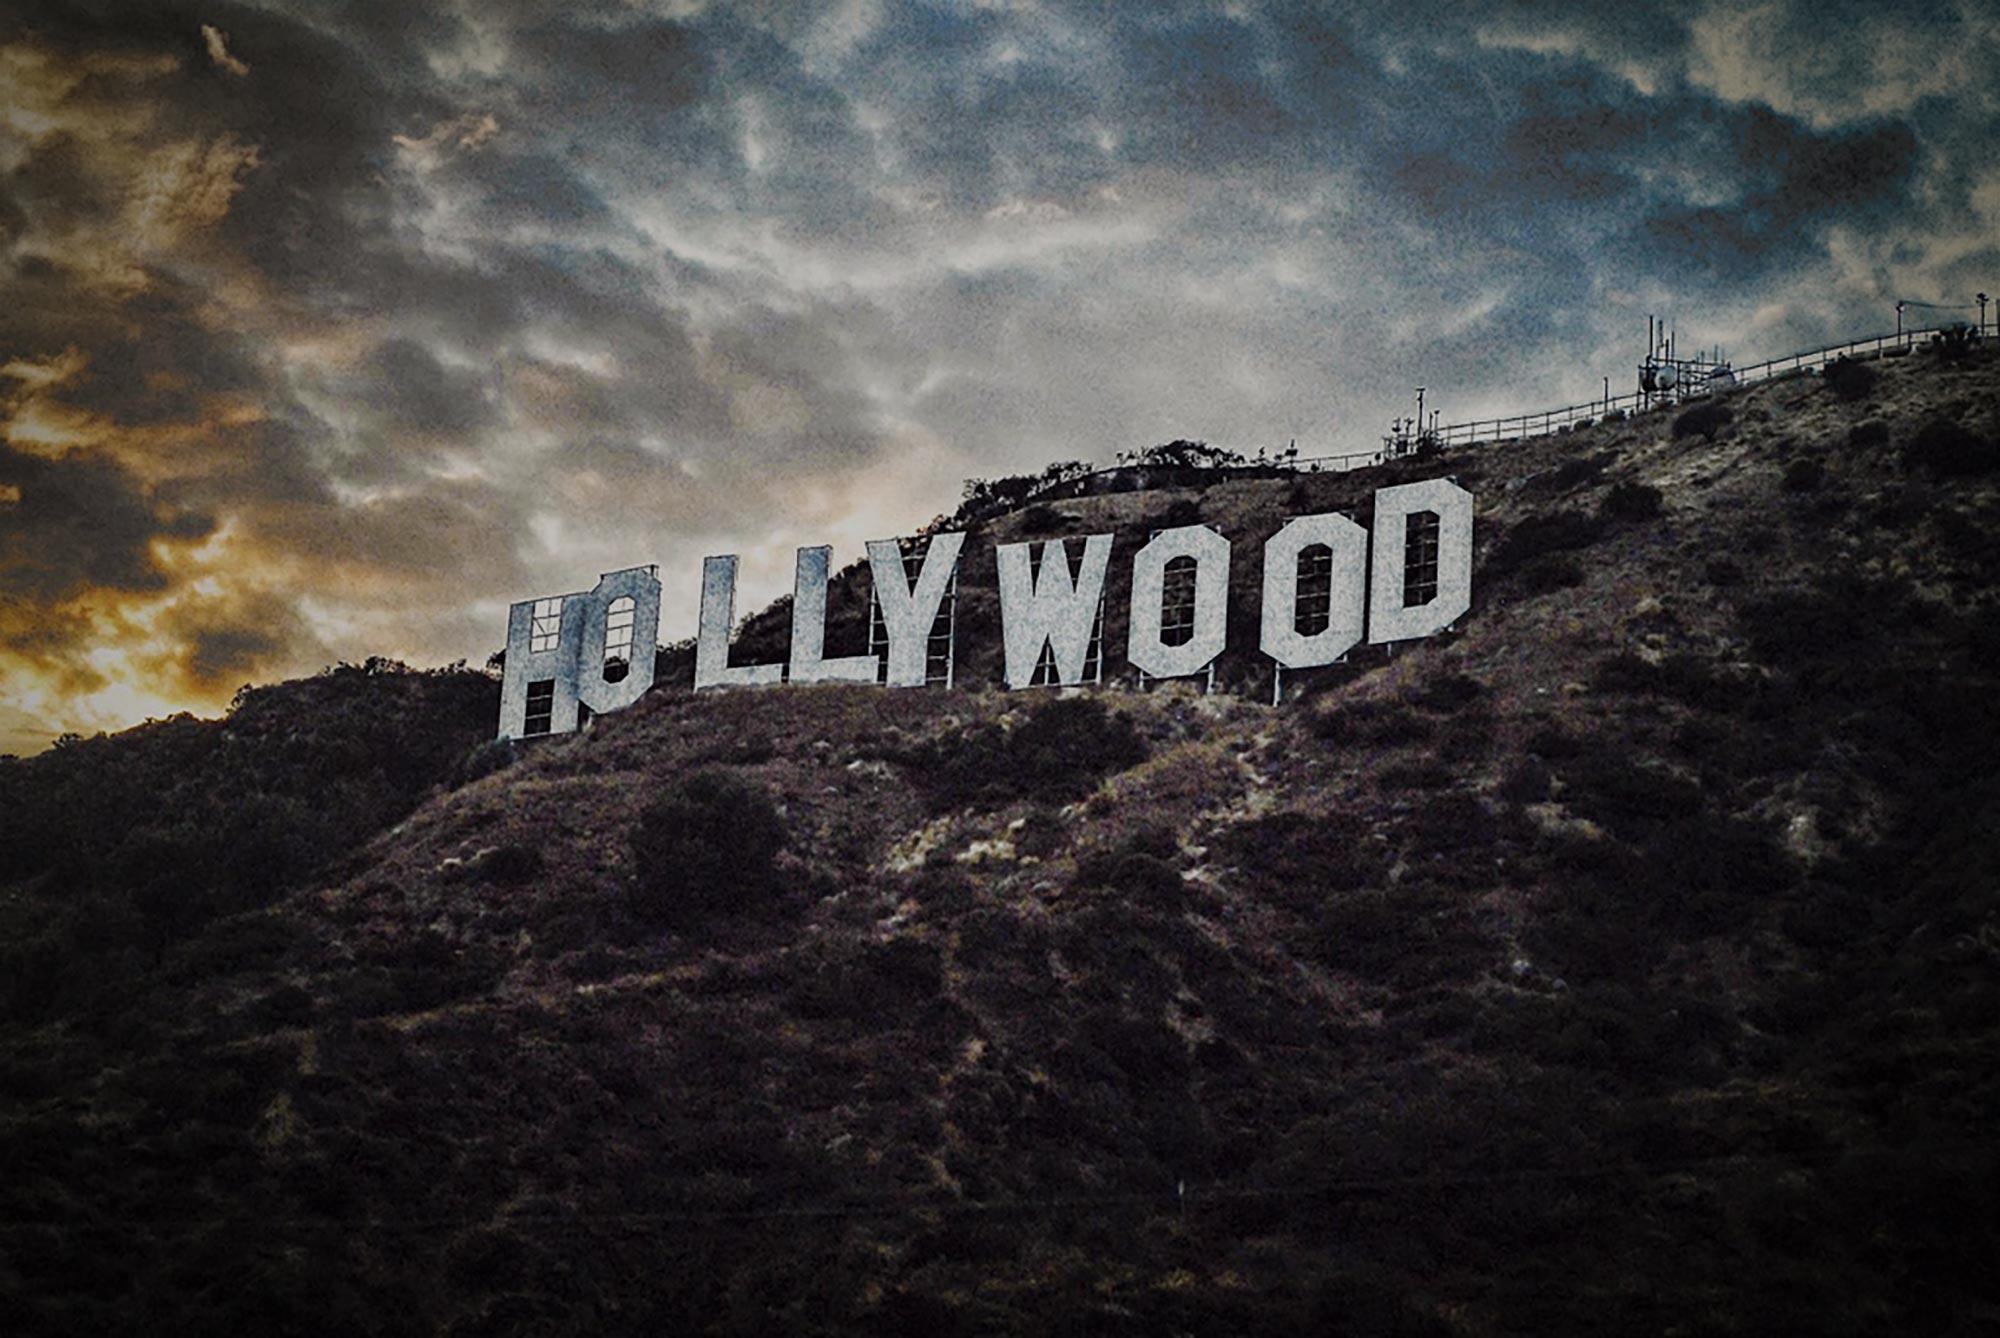 Hollywood Hd Wallpapers Hollywood Hd Wallpapers 1080p Secret Space Program Connecting The Dots